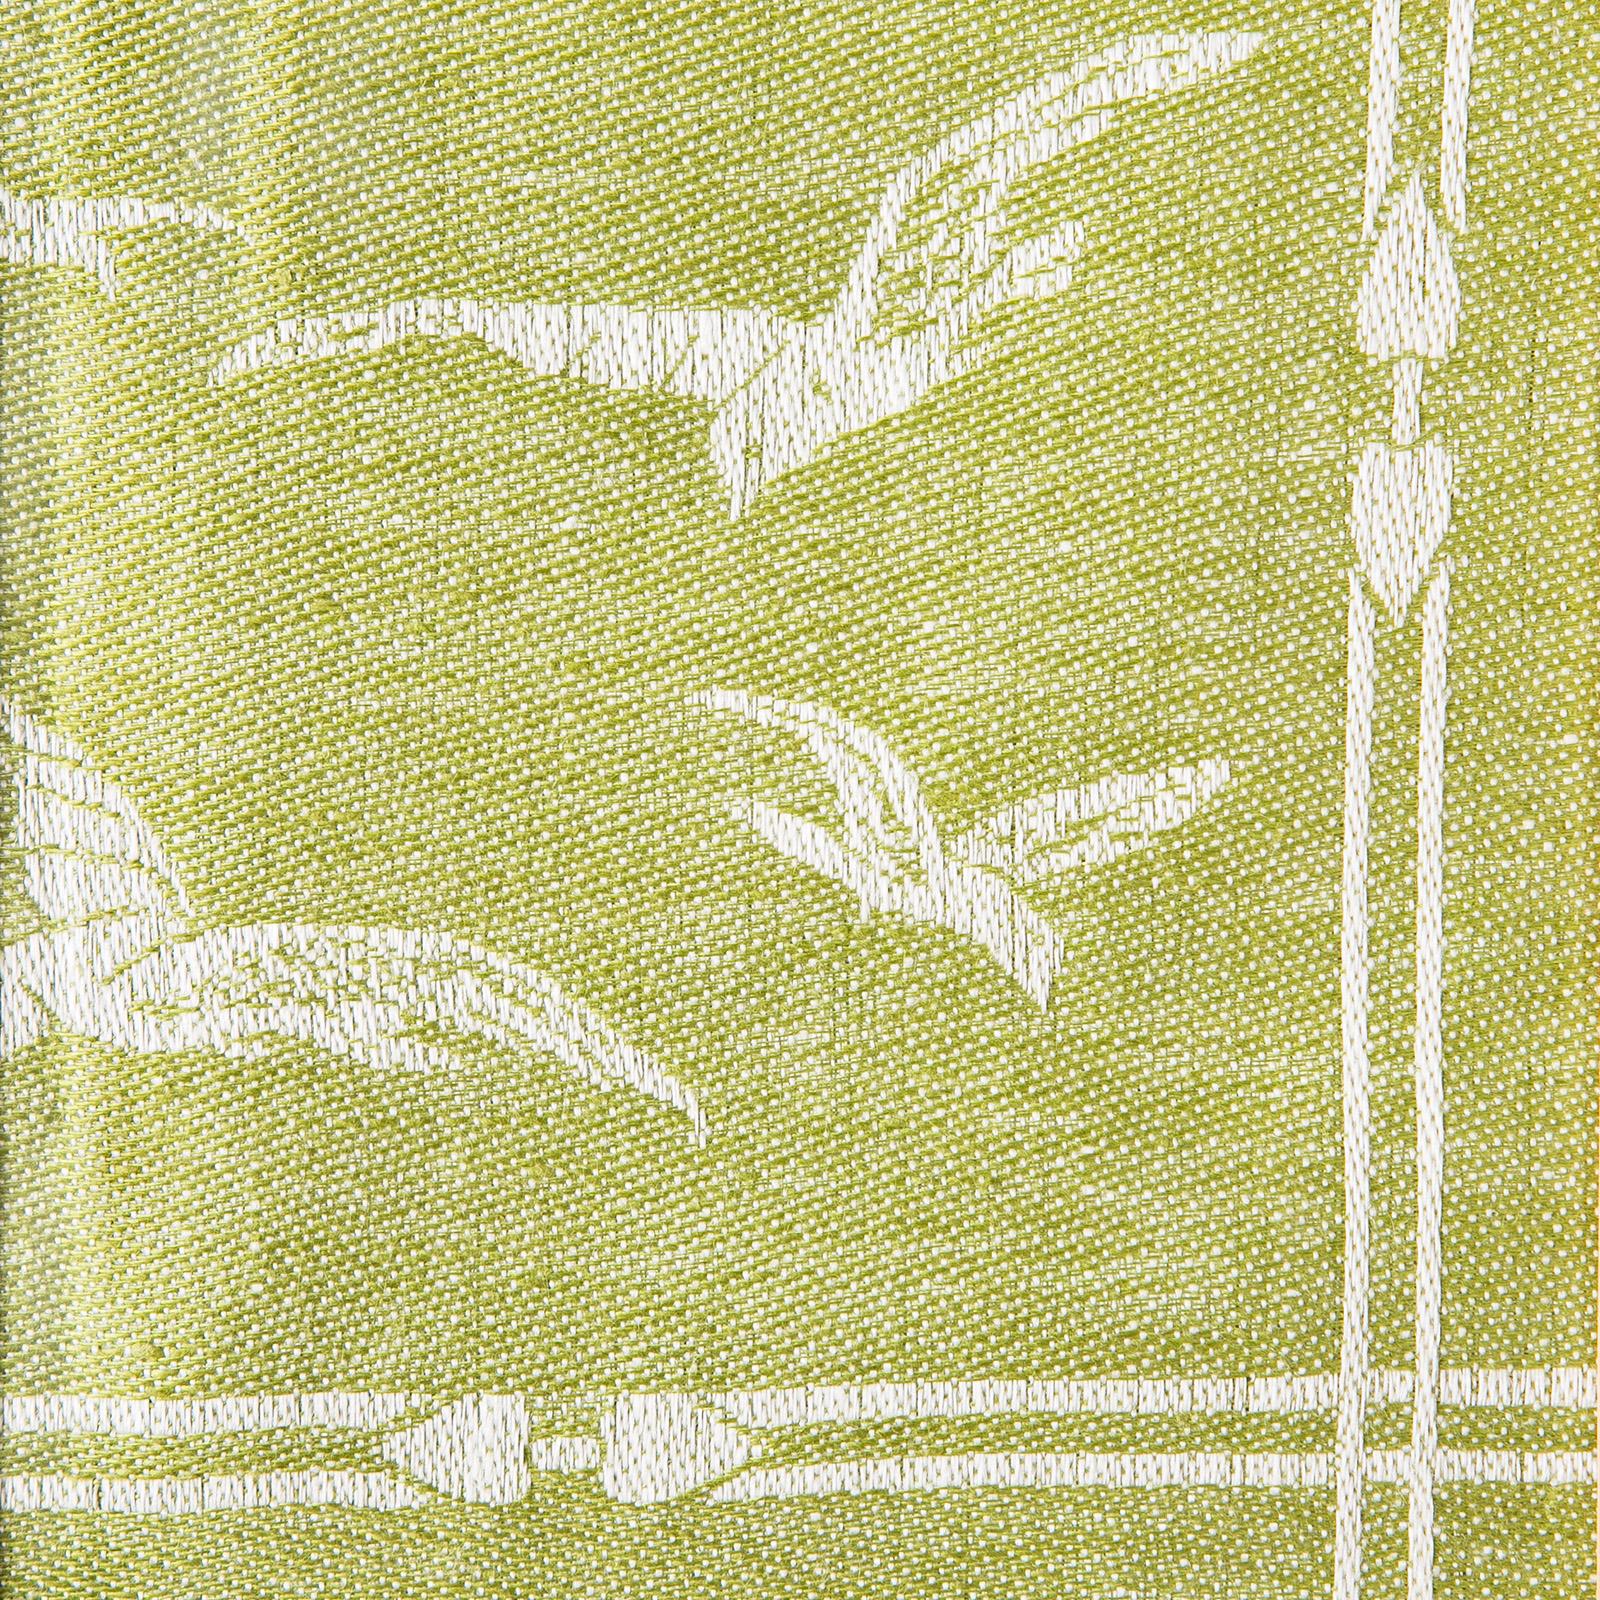 Fiskmåsen linblomsgrön färgprov